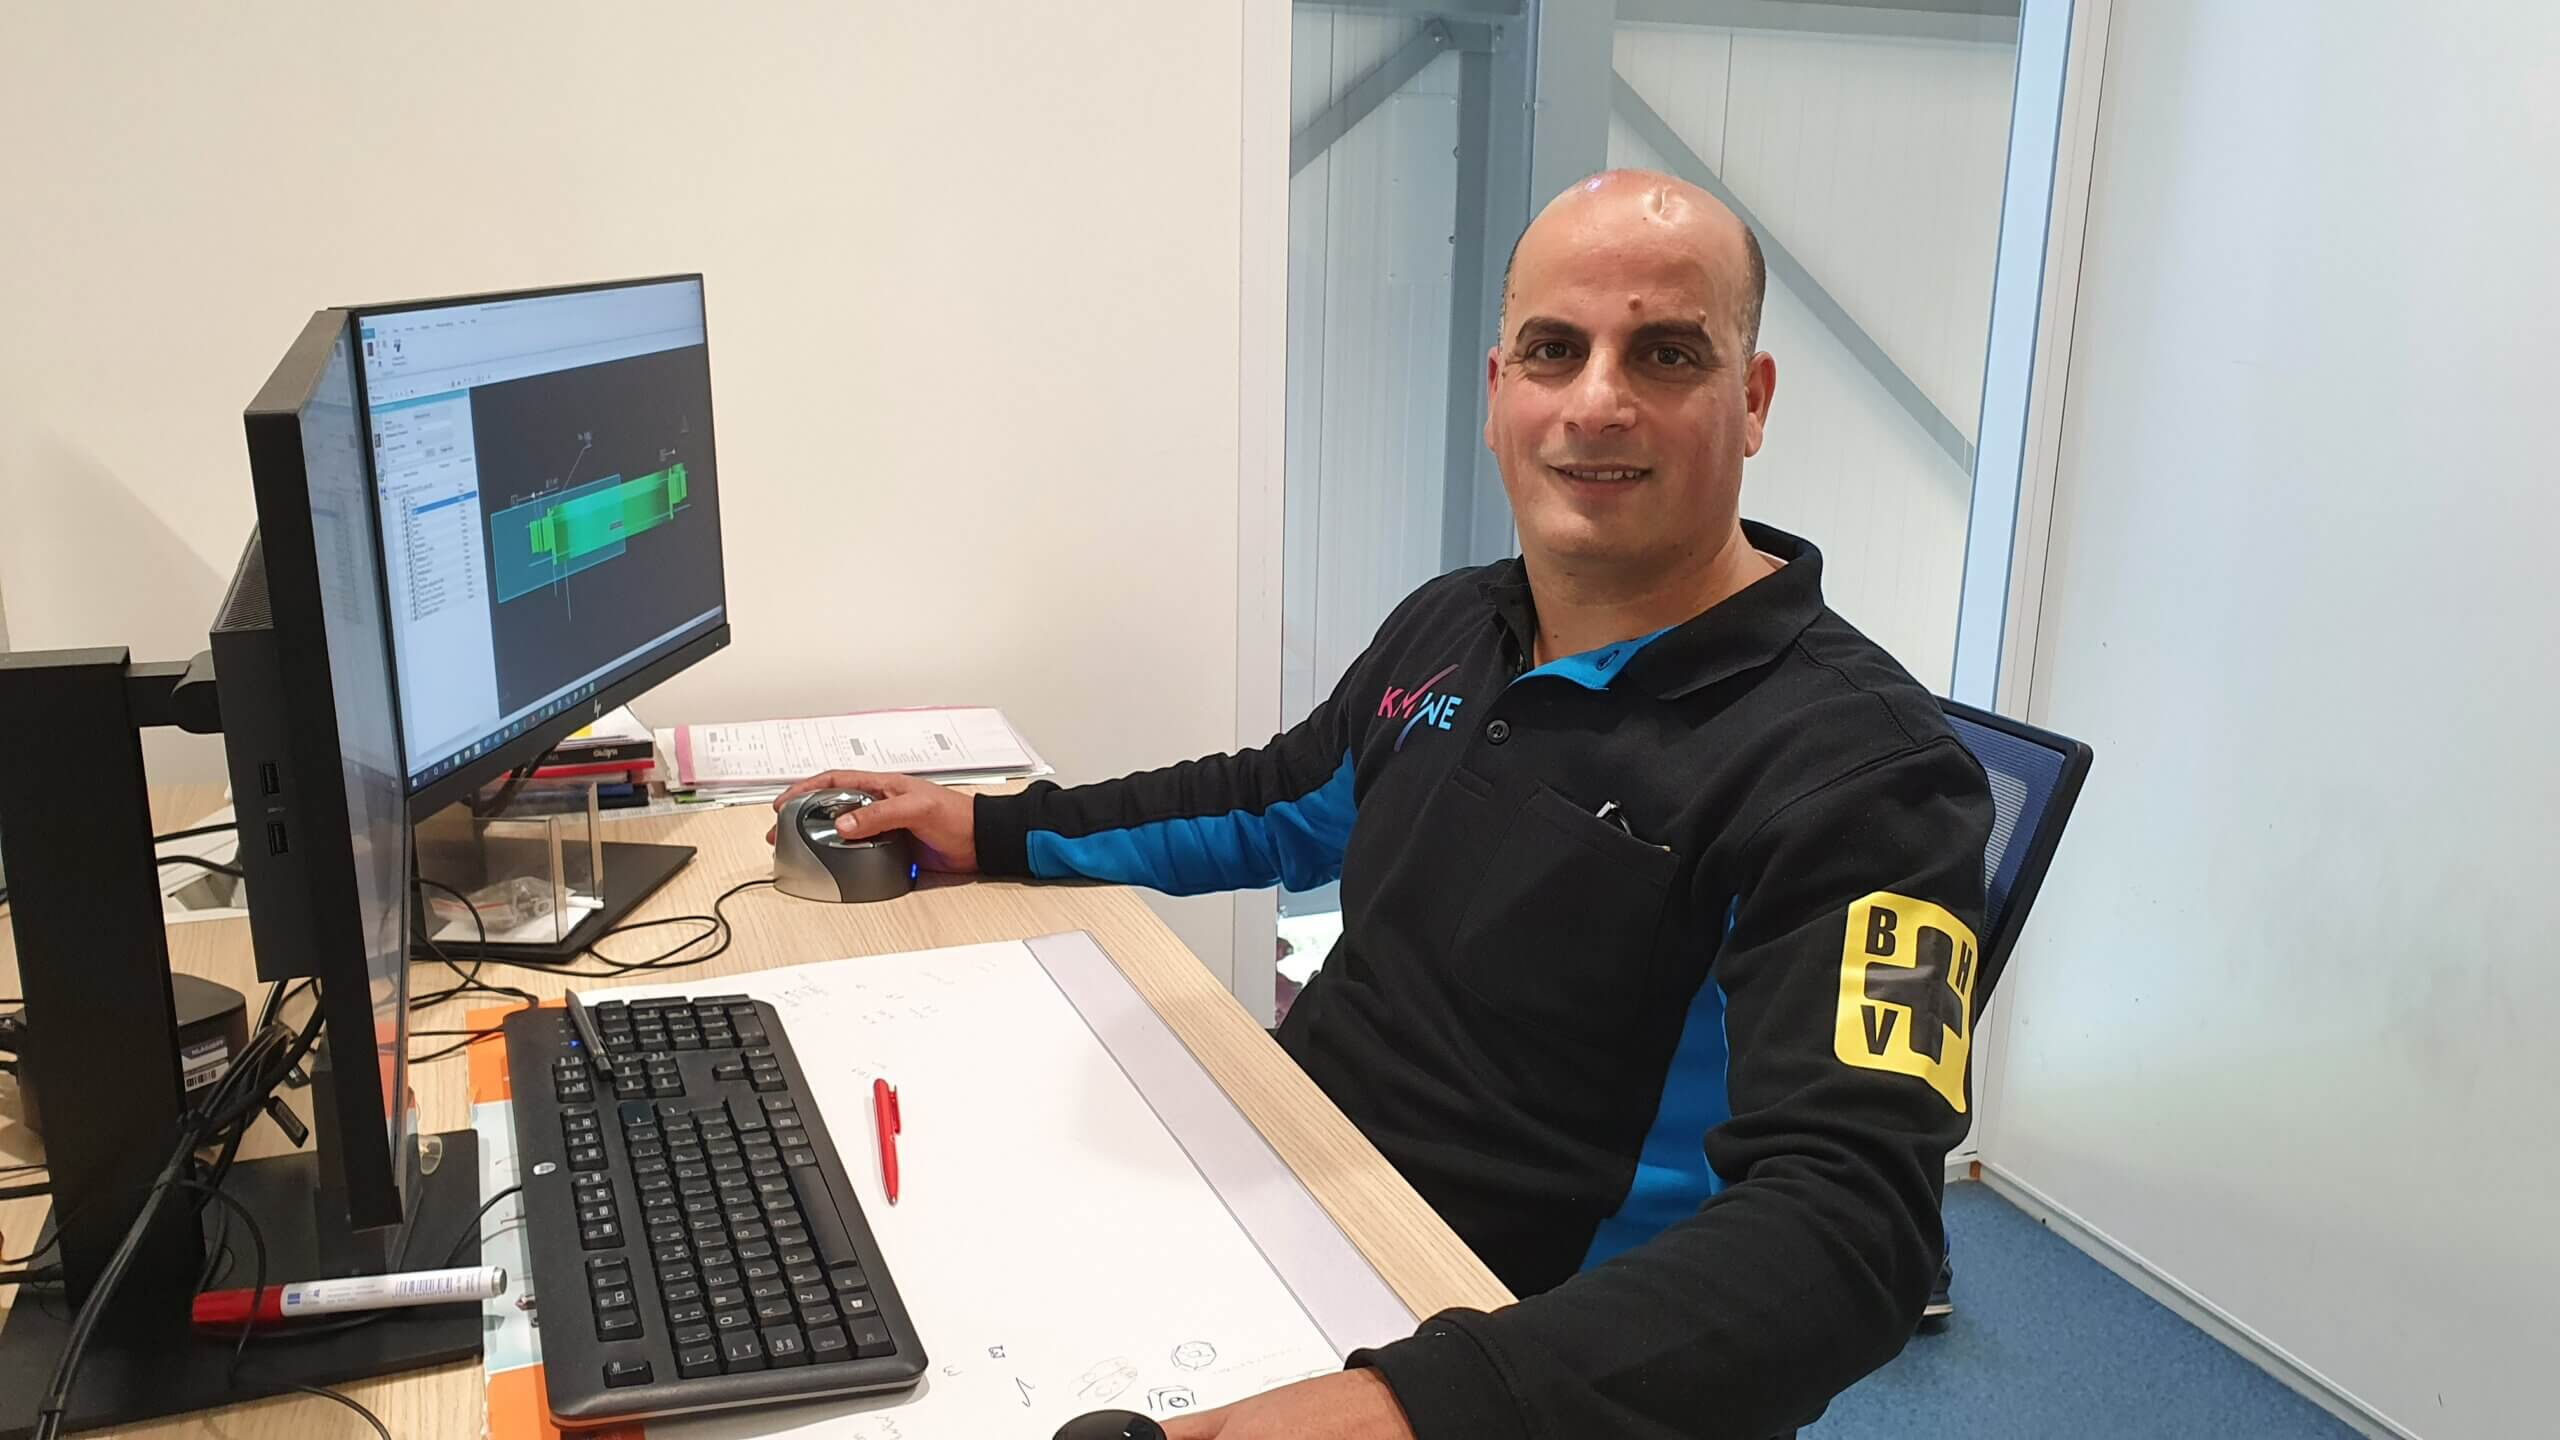 Mustapha Doudou is nominated for the Noordhofprijs 2021.